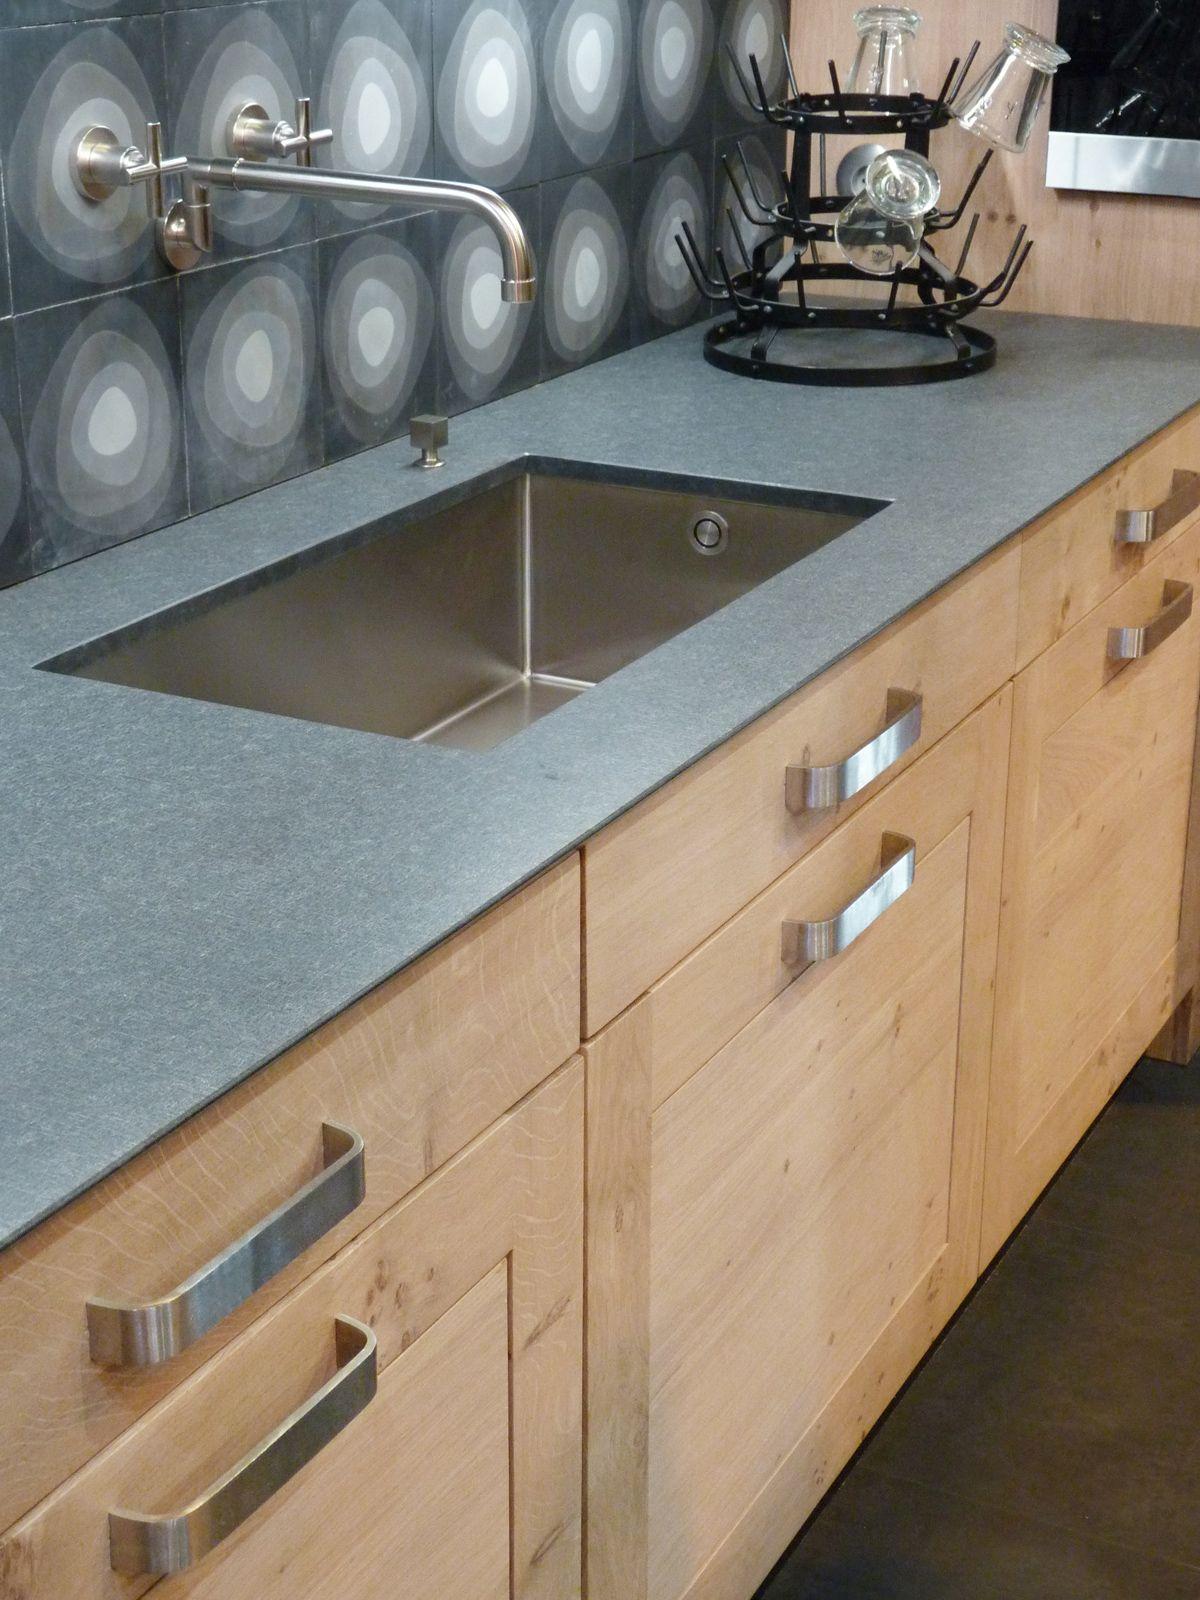 Atelier culinaire cuisine ch ne massif clair cr dence carreaux de ciment plan de travail - Idee de credence cuisine ...